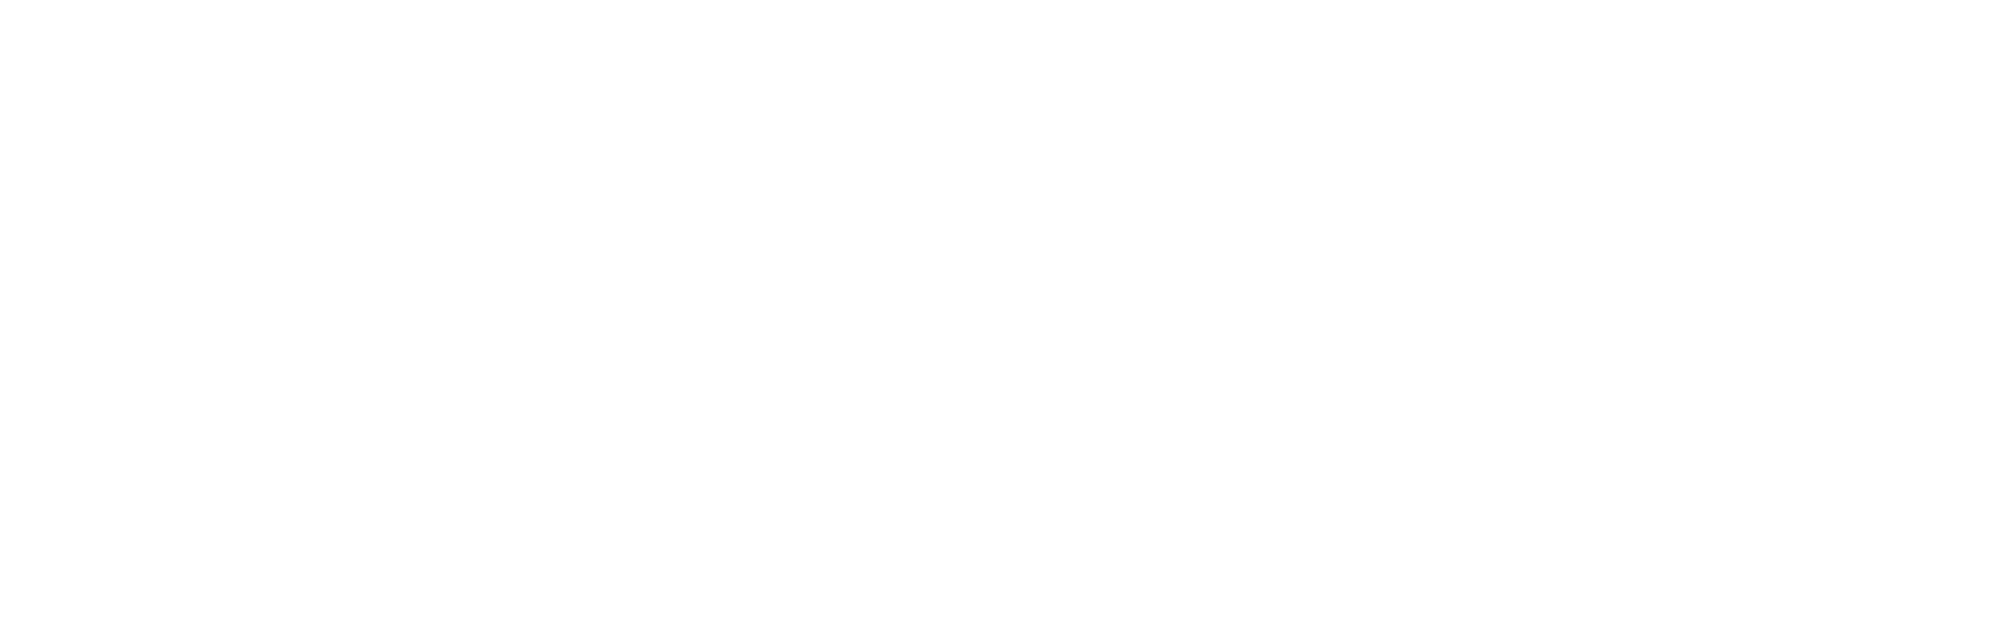 OSM_Main_Logos-02.png